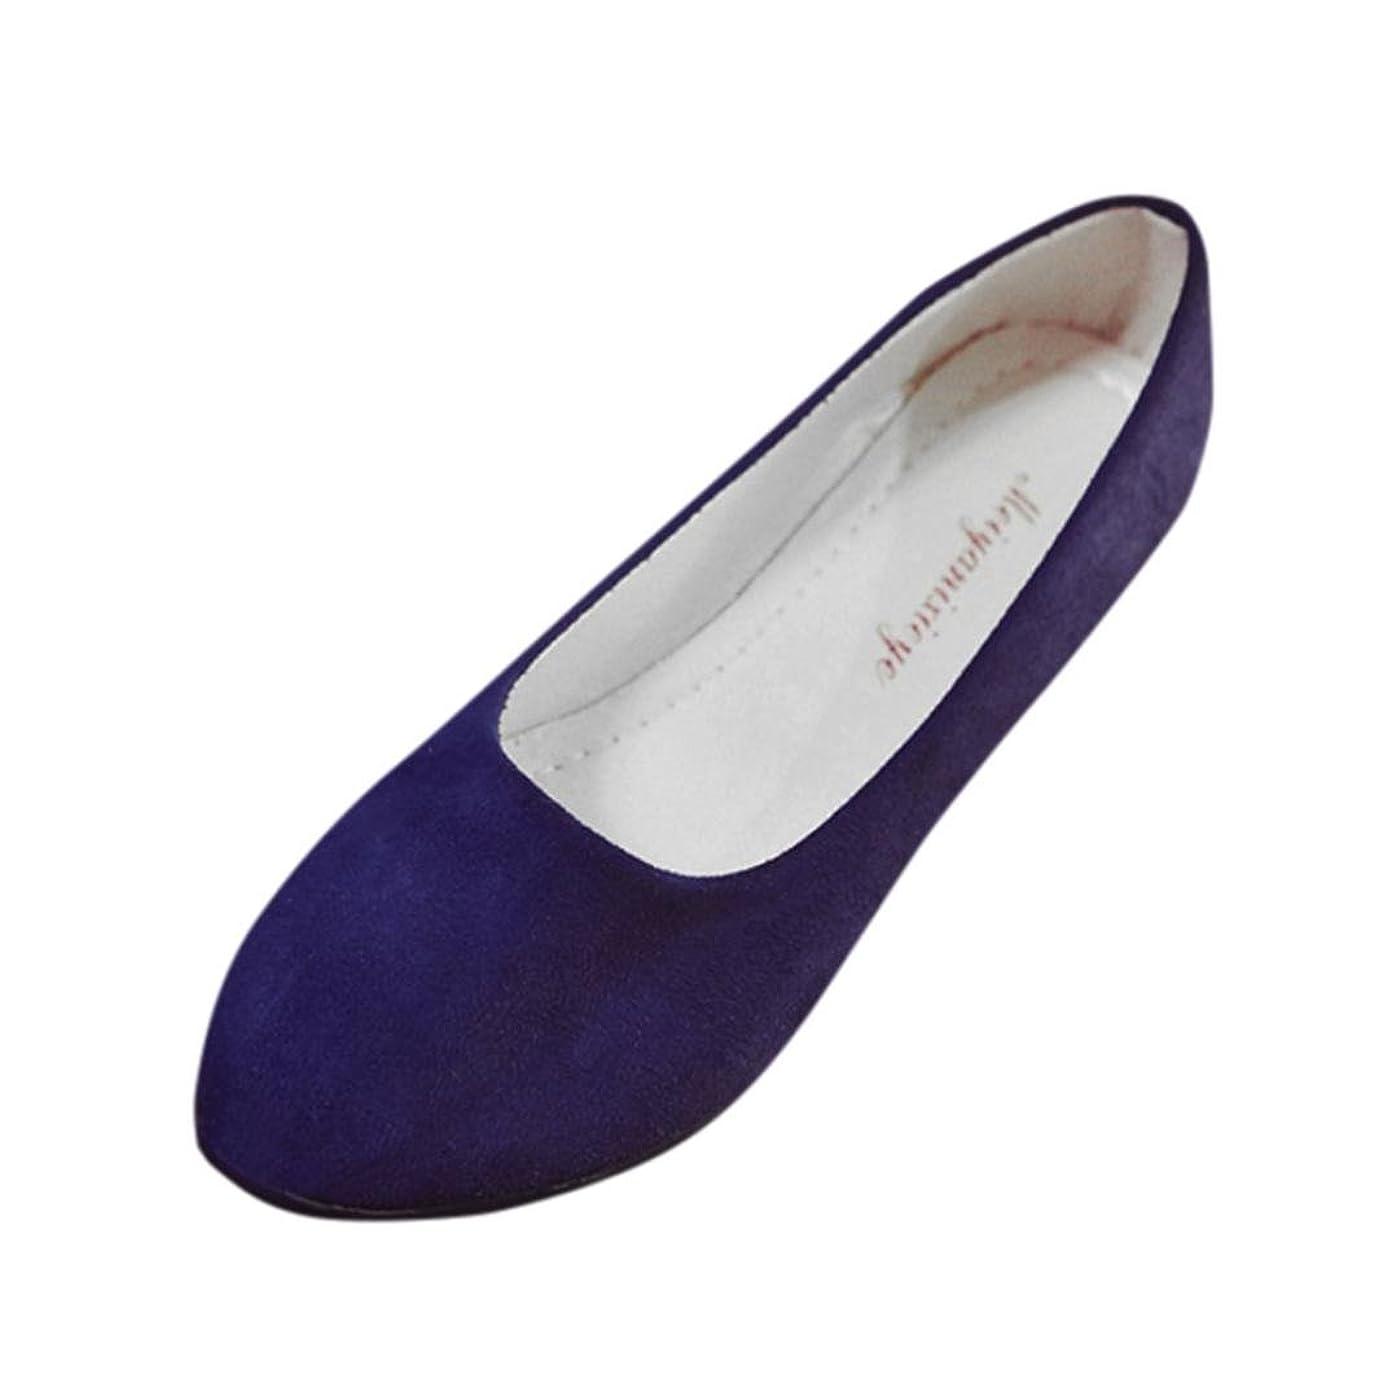 鳴らすフォーラム成り立つ[GODTOON] サンダル ローヒール レディース 大きサイズ ファッション 歩きやすい ビジネス 日常用 人気 2018新品 美脚